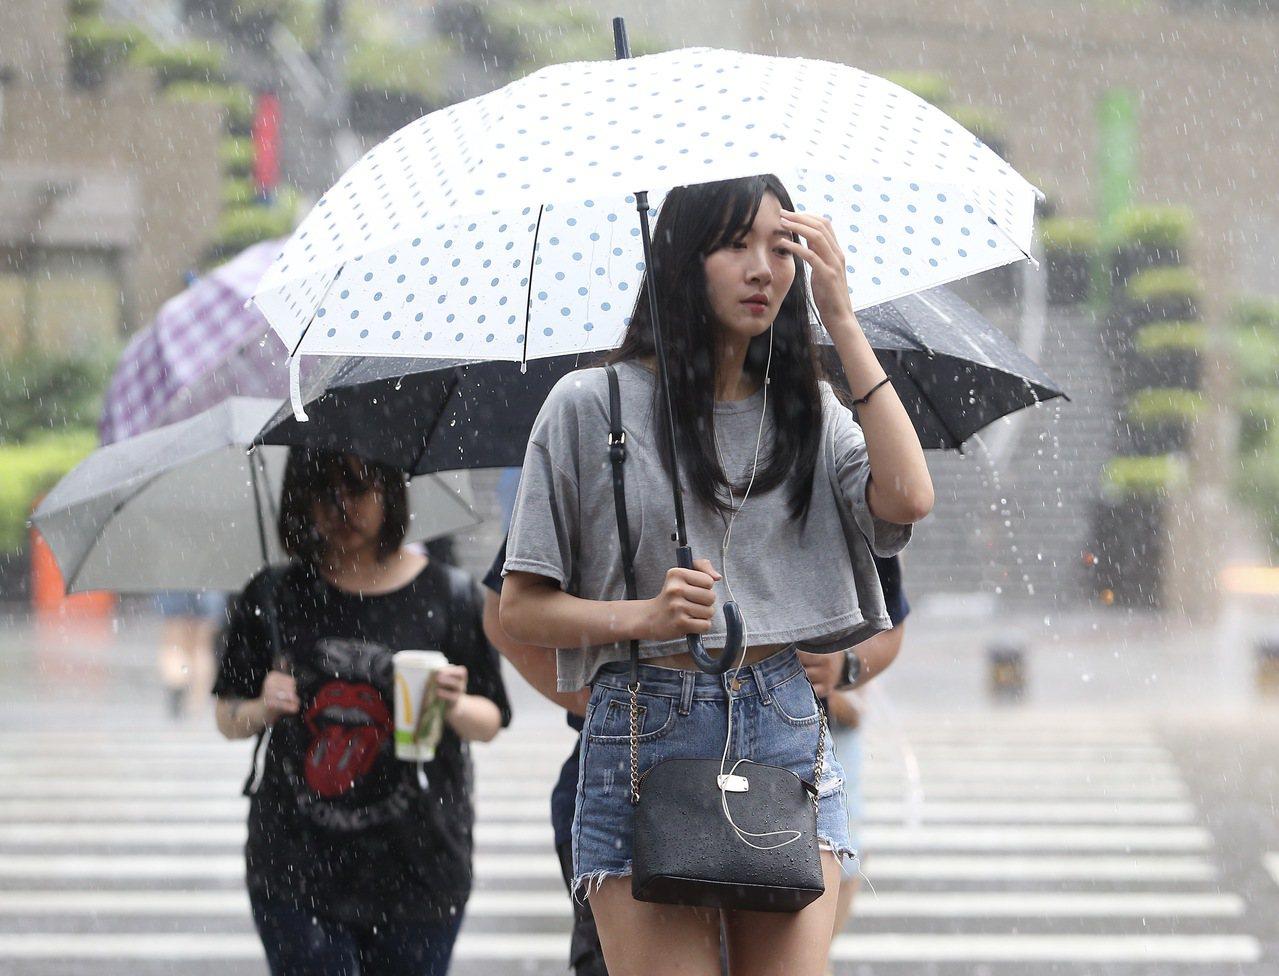 午後嘉義以南、東部、東南部地區及其他山區有局部短暫雷陣雨,夜間中南部、東部及東南...